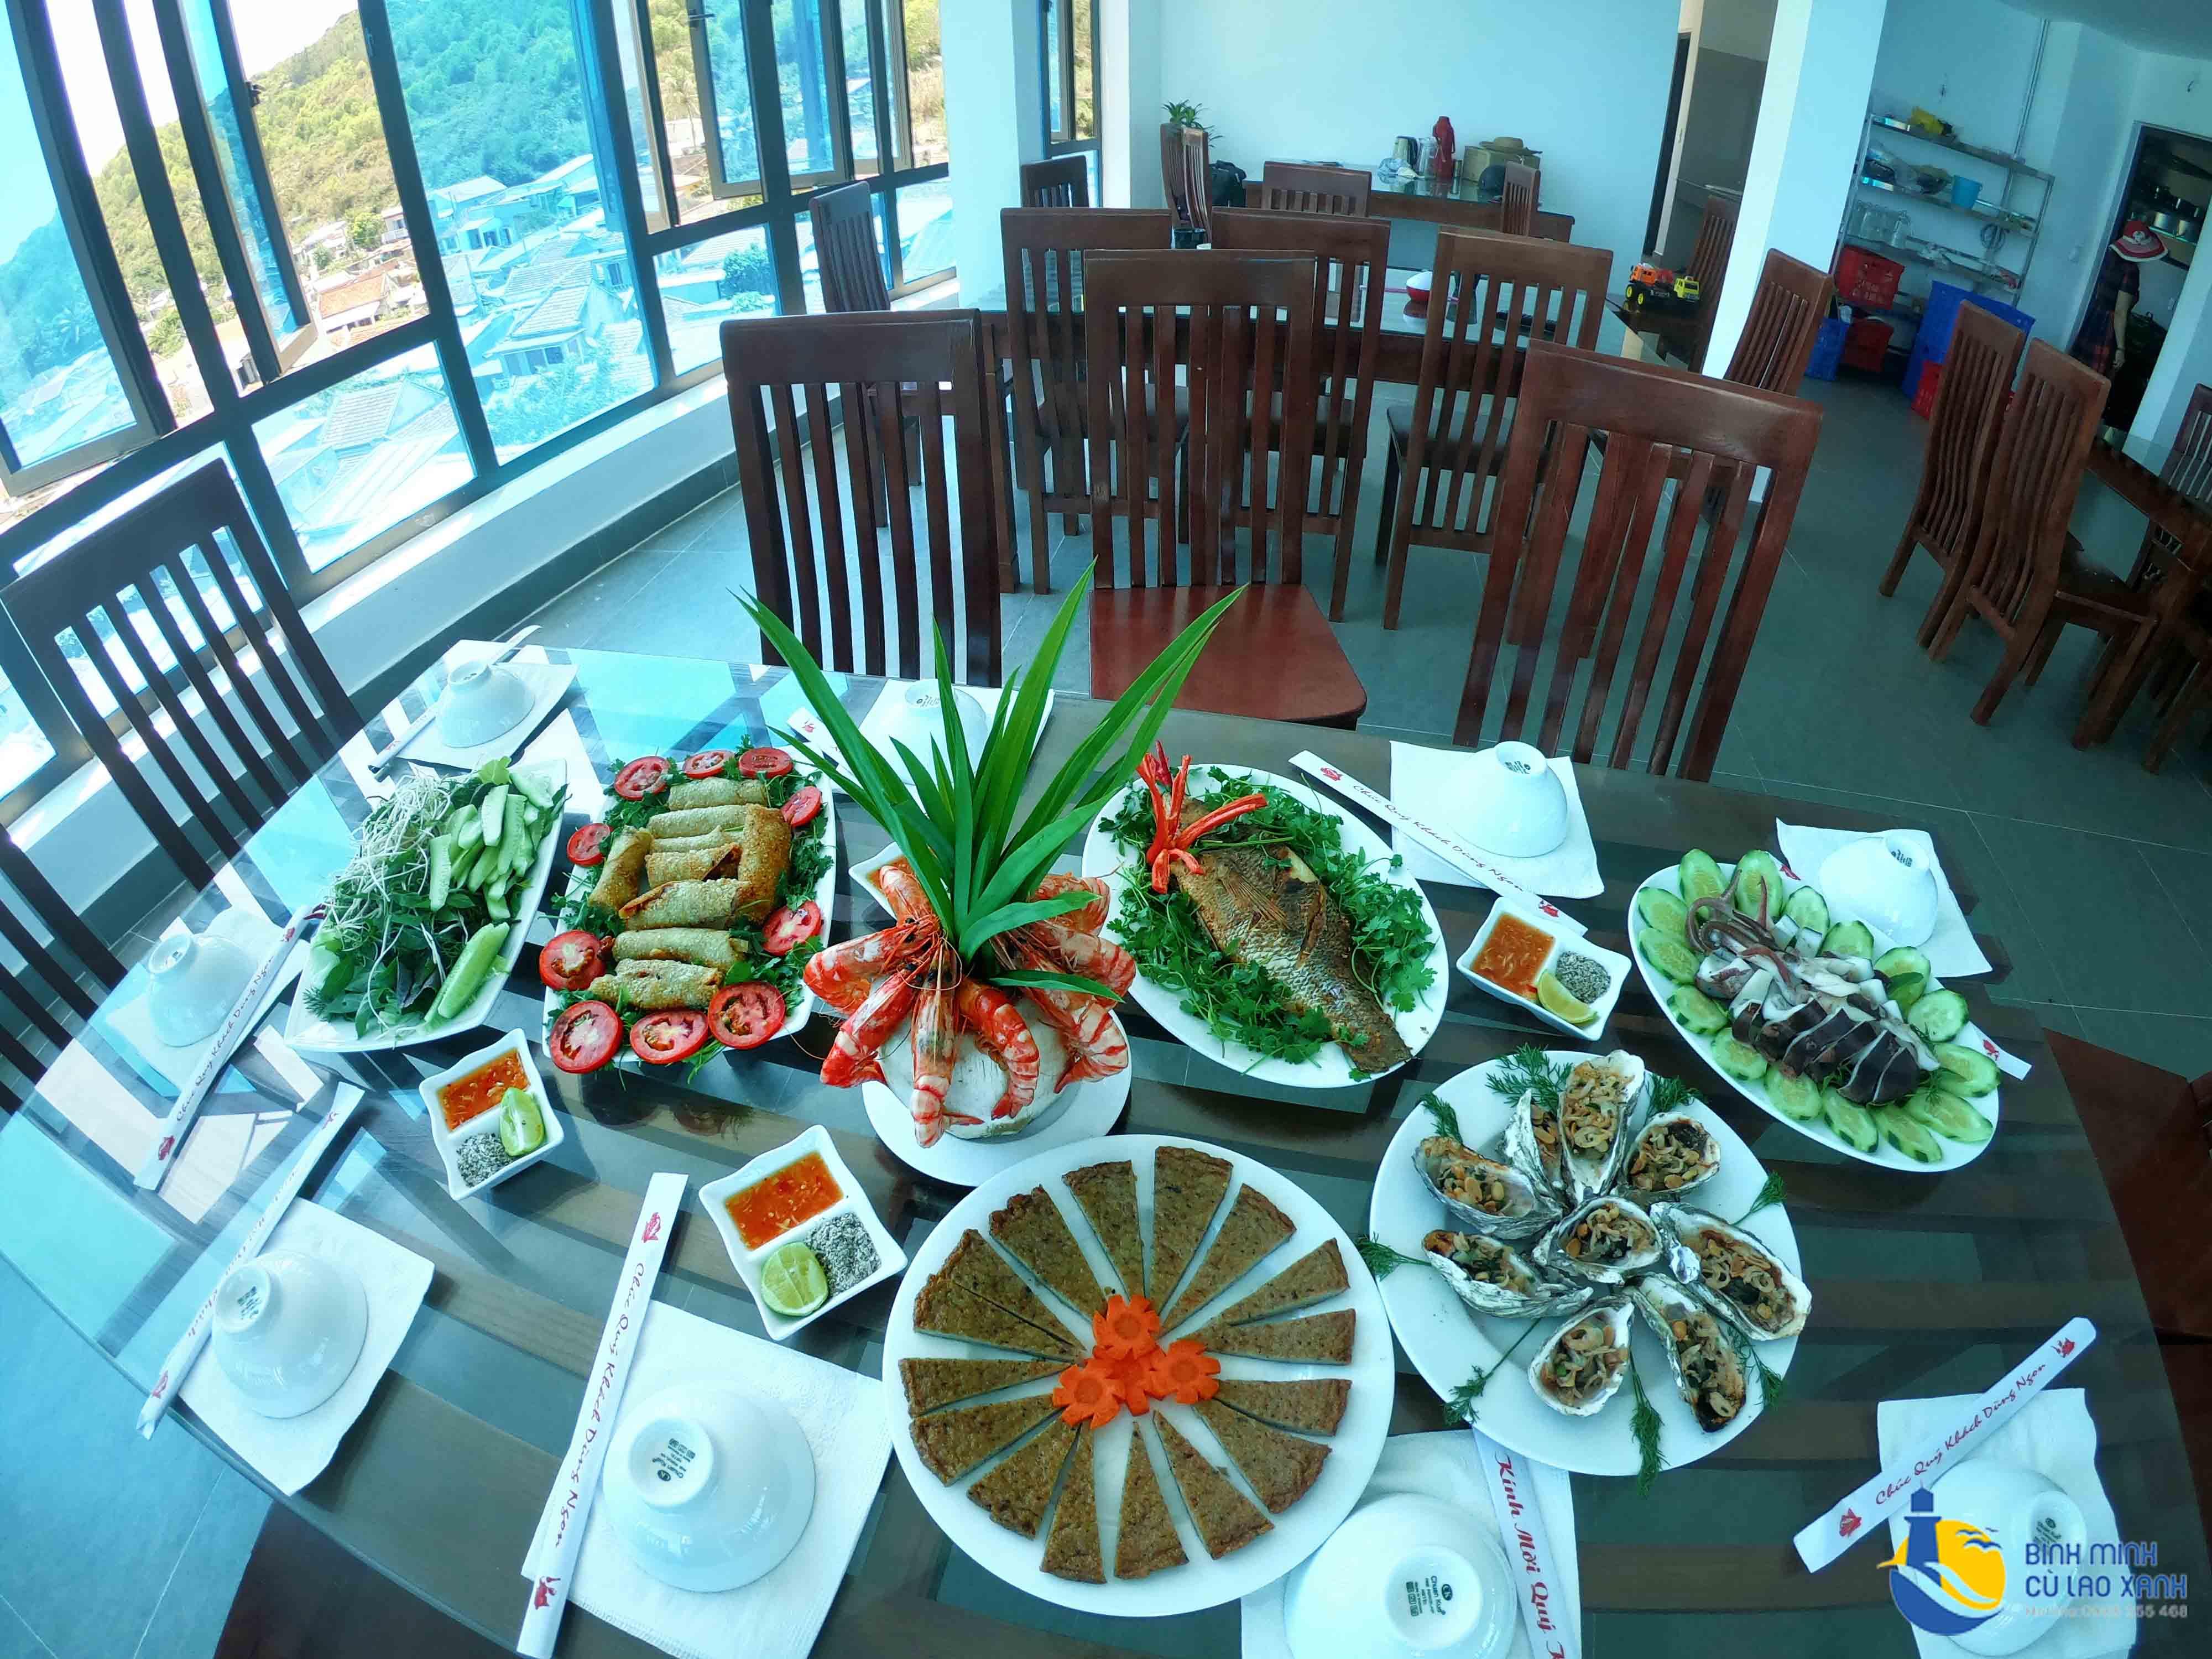 Ẩm thực Cù Lao Xanh - Các món hải sản của nhà hàng Cù Lao Xanh